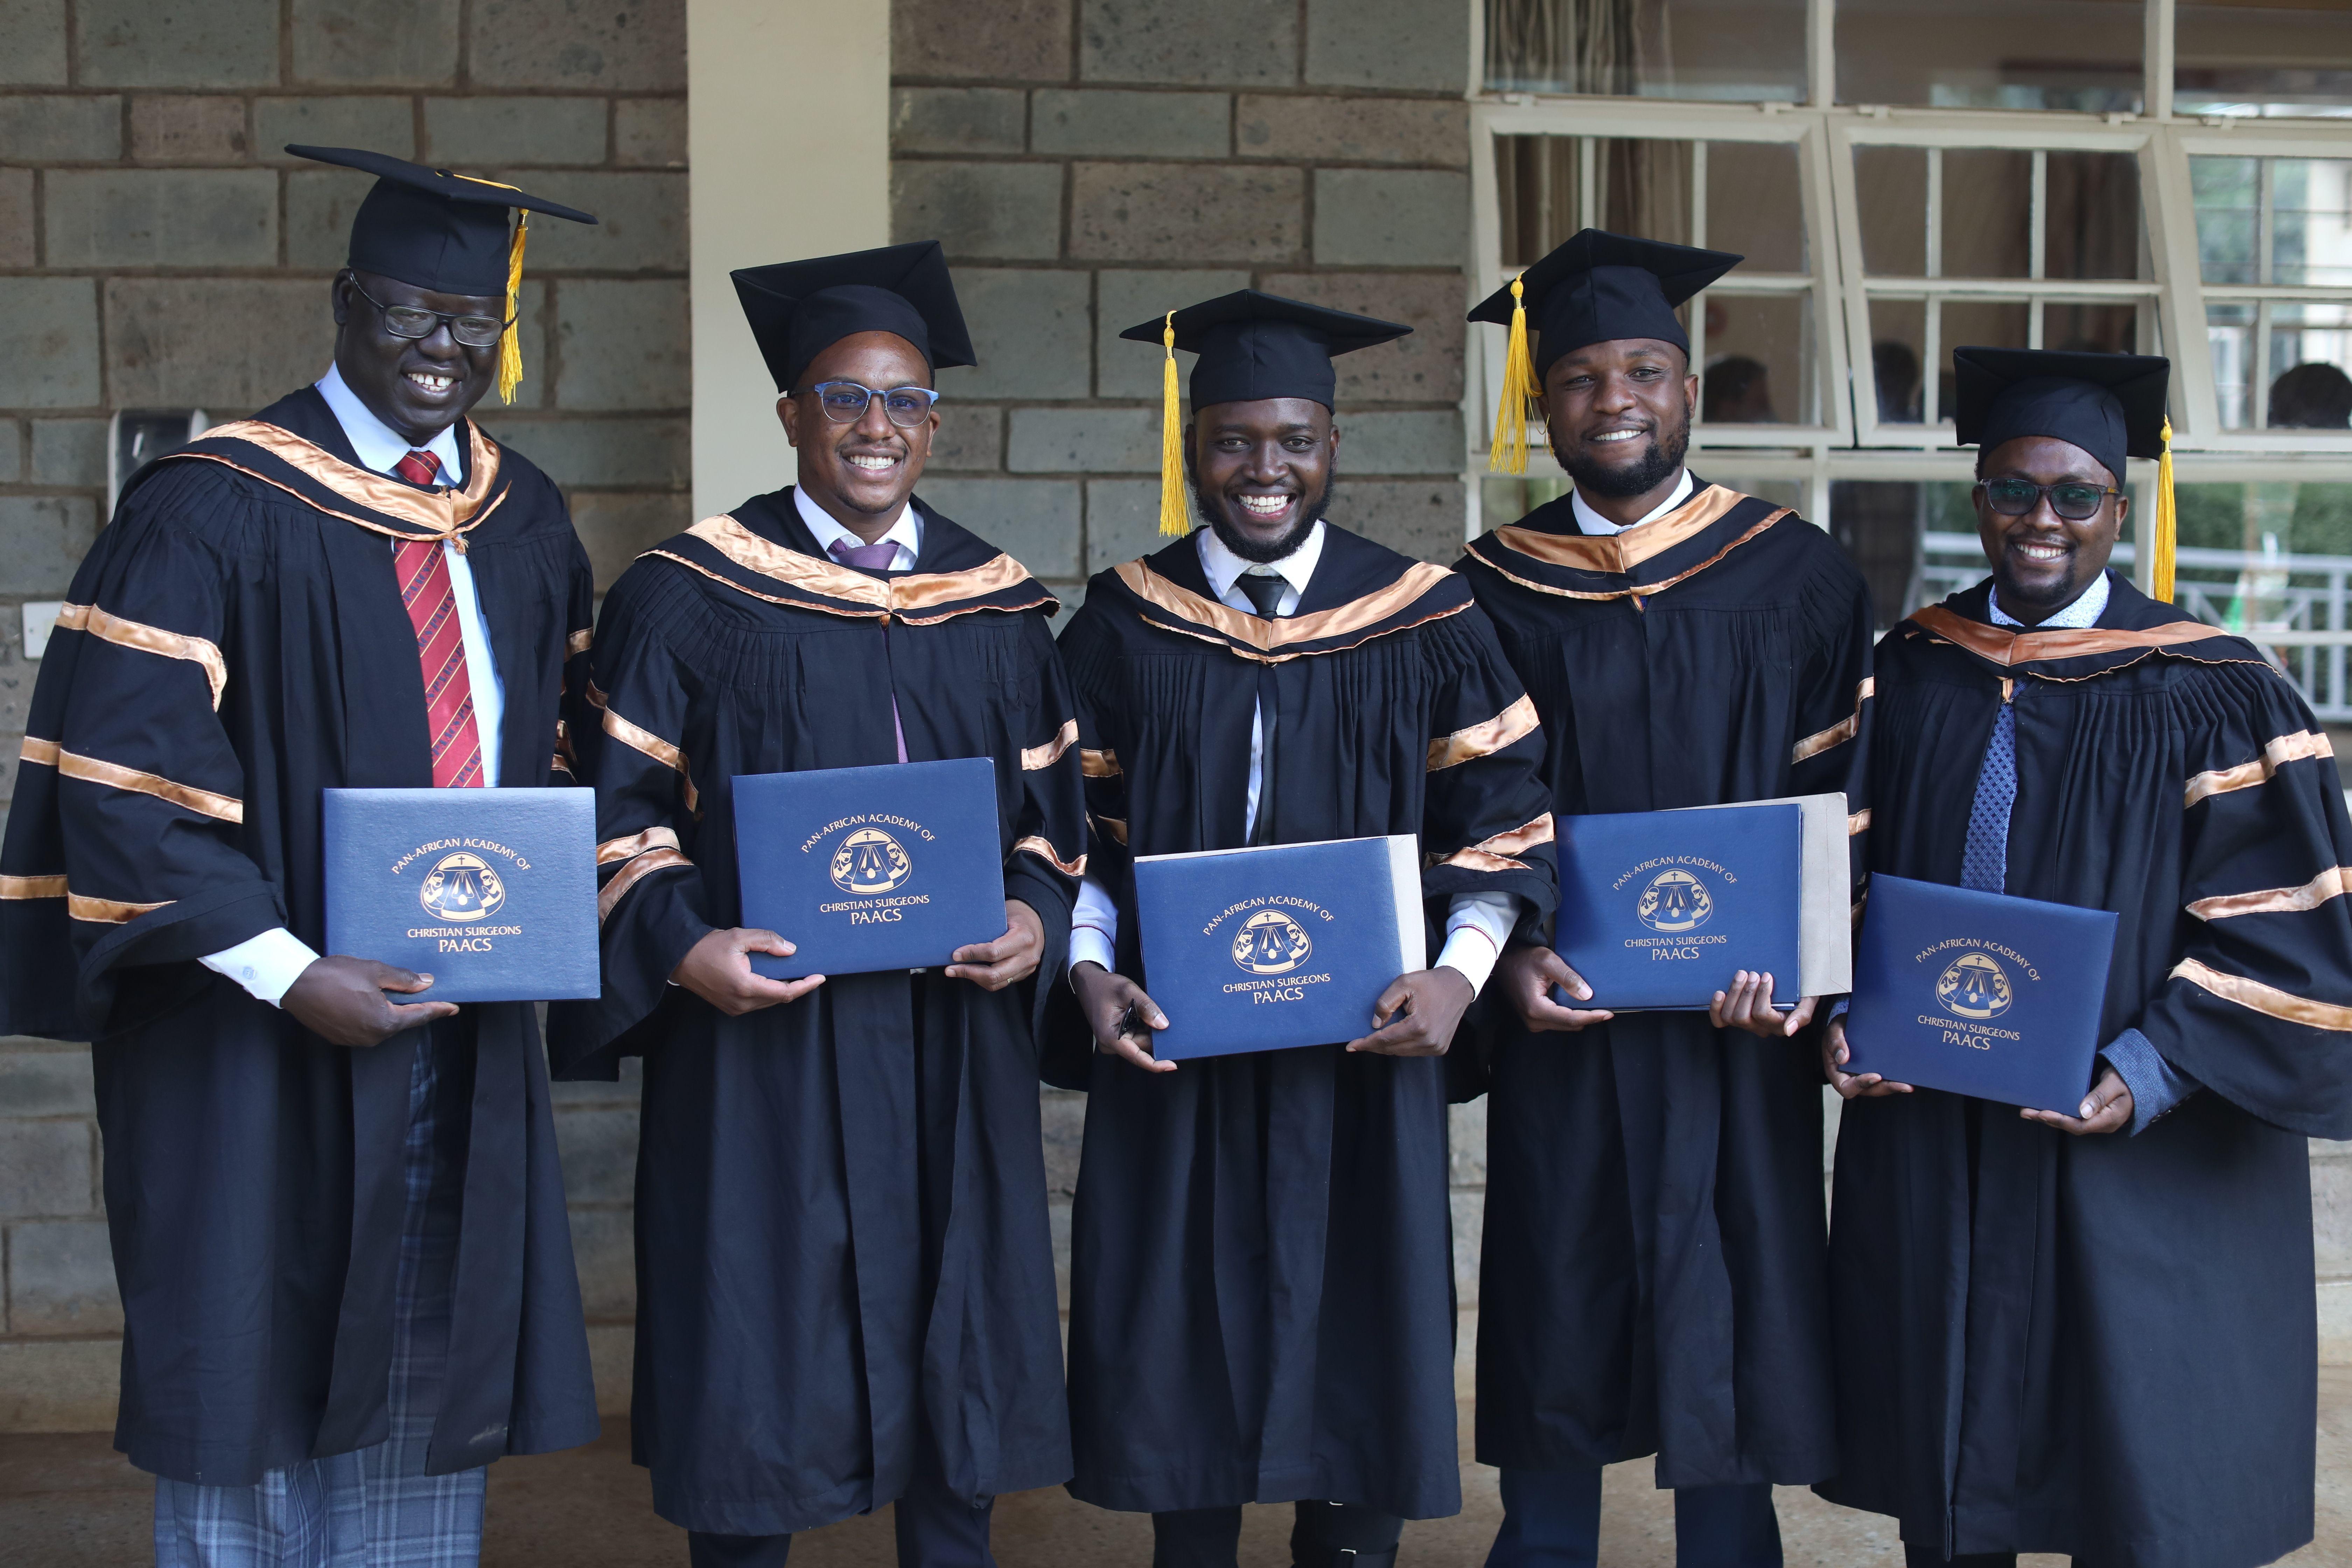 Five New PAACS Graduates from AIC Kijabe Program